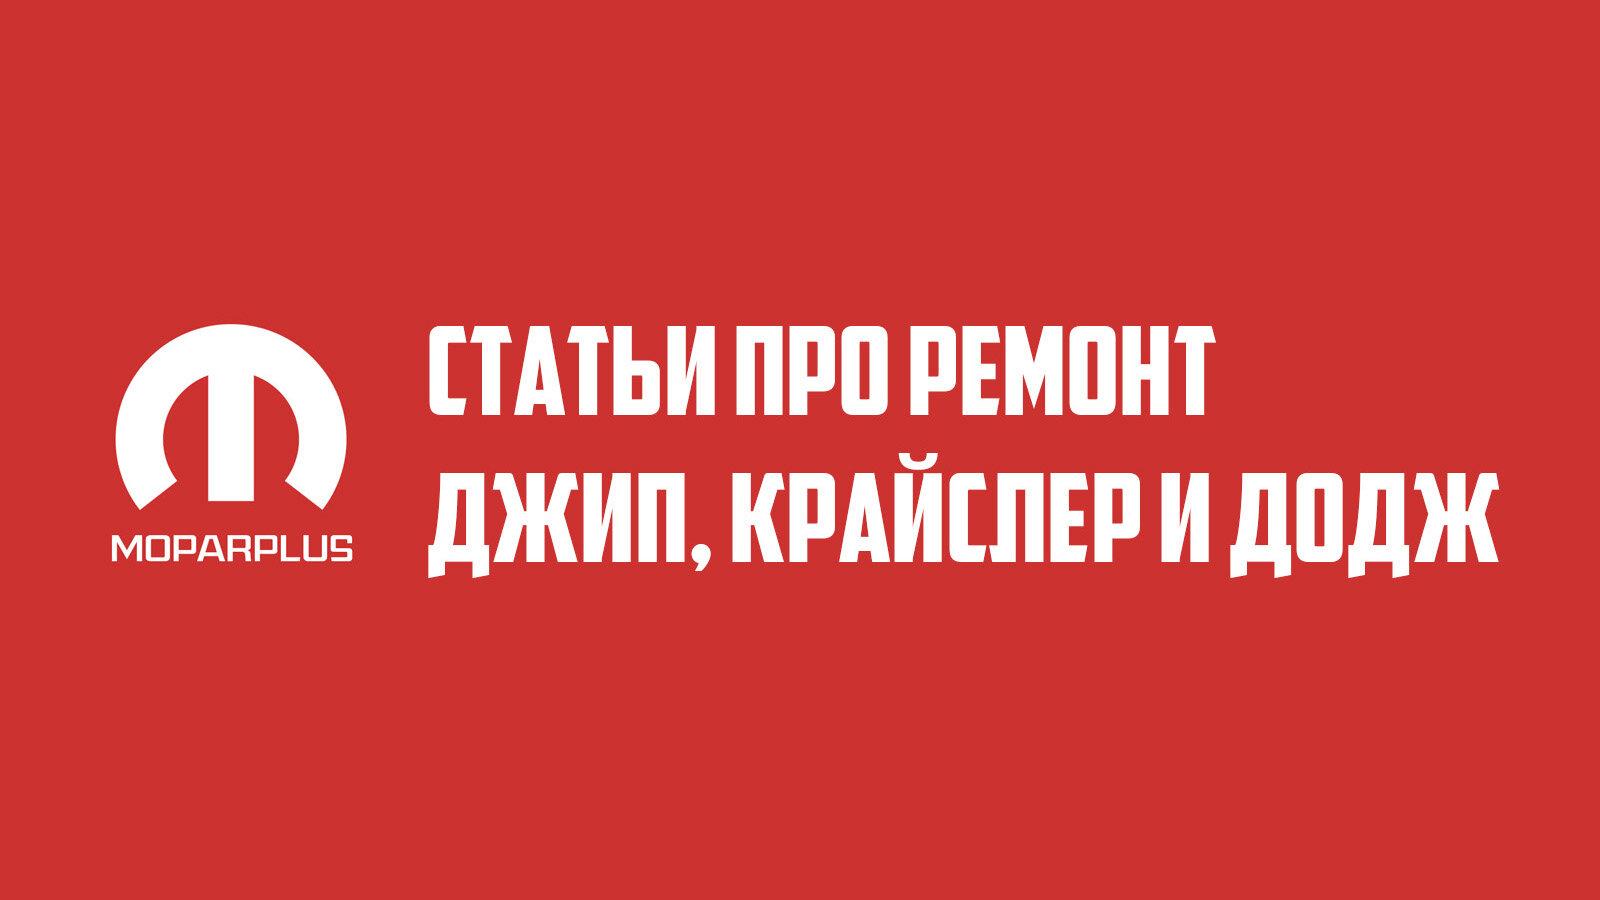 Статьи про ремонт. Выпуск №75.